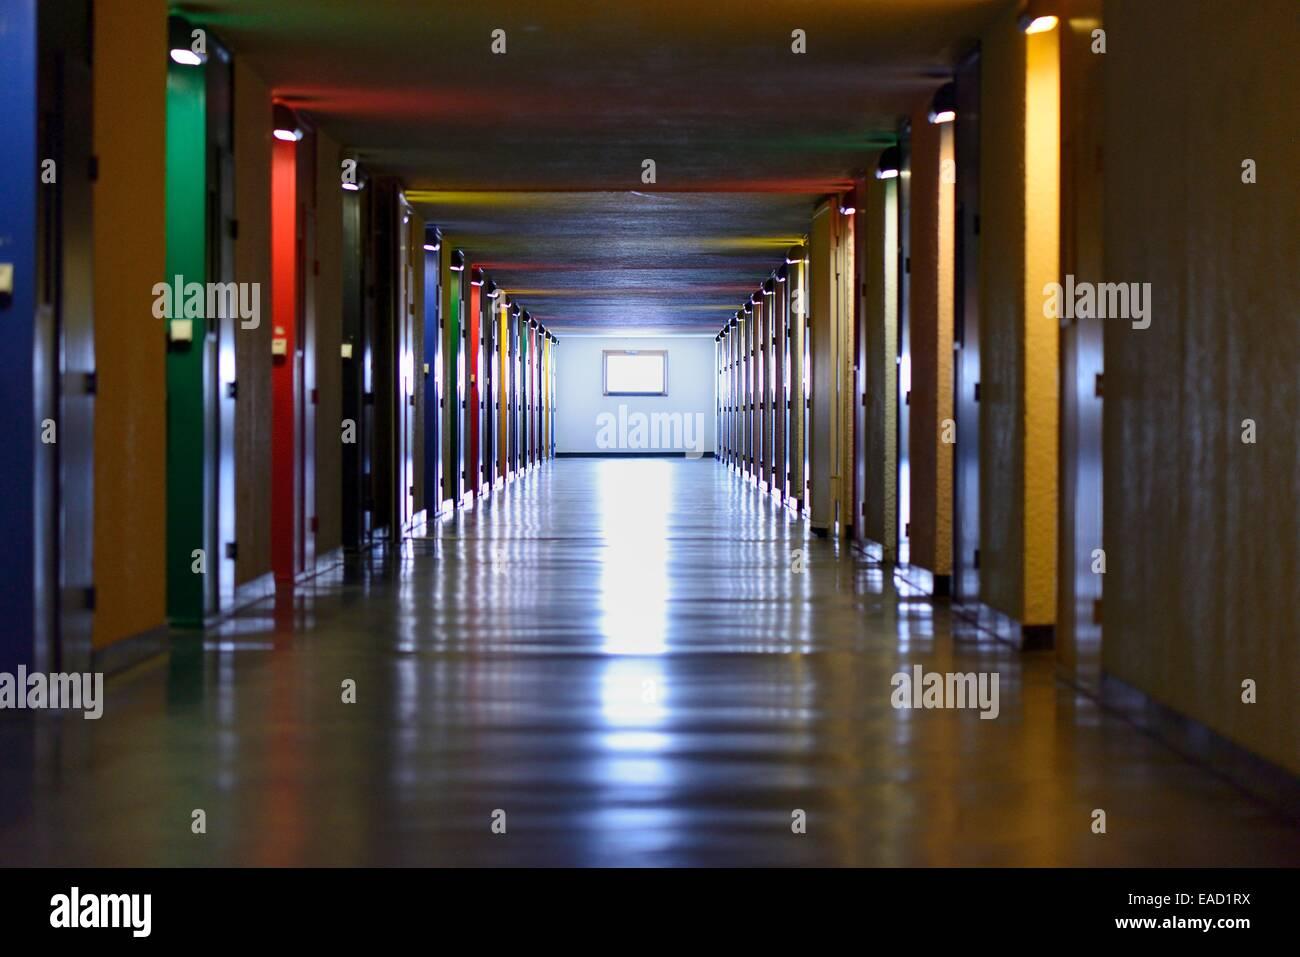 Le Corbusier Unite D Habitation unité d'habitation, housing unit, designed by the architect